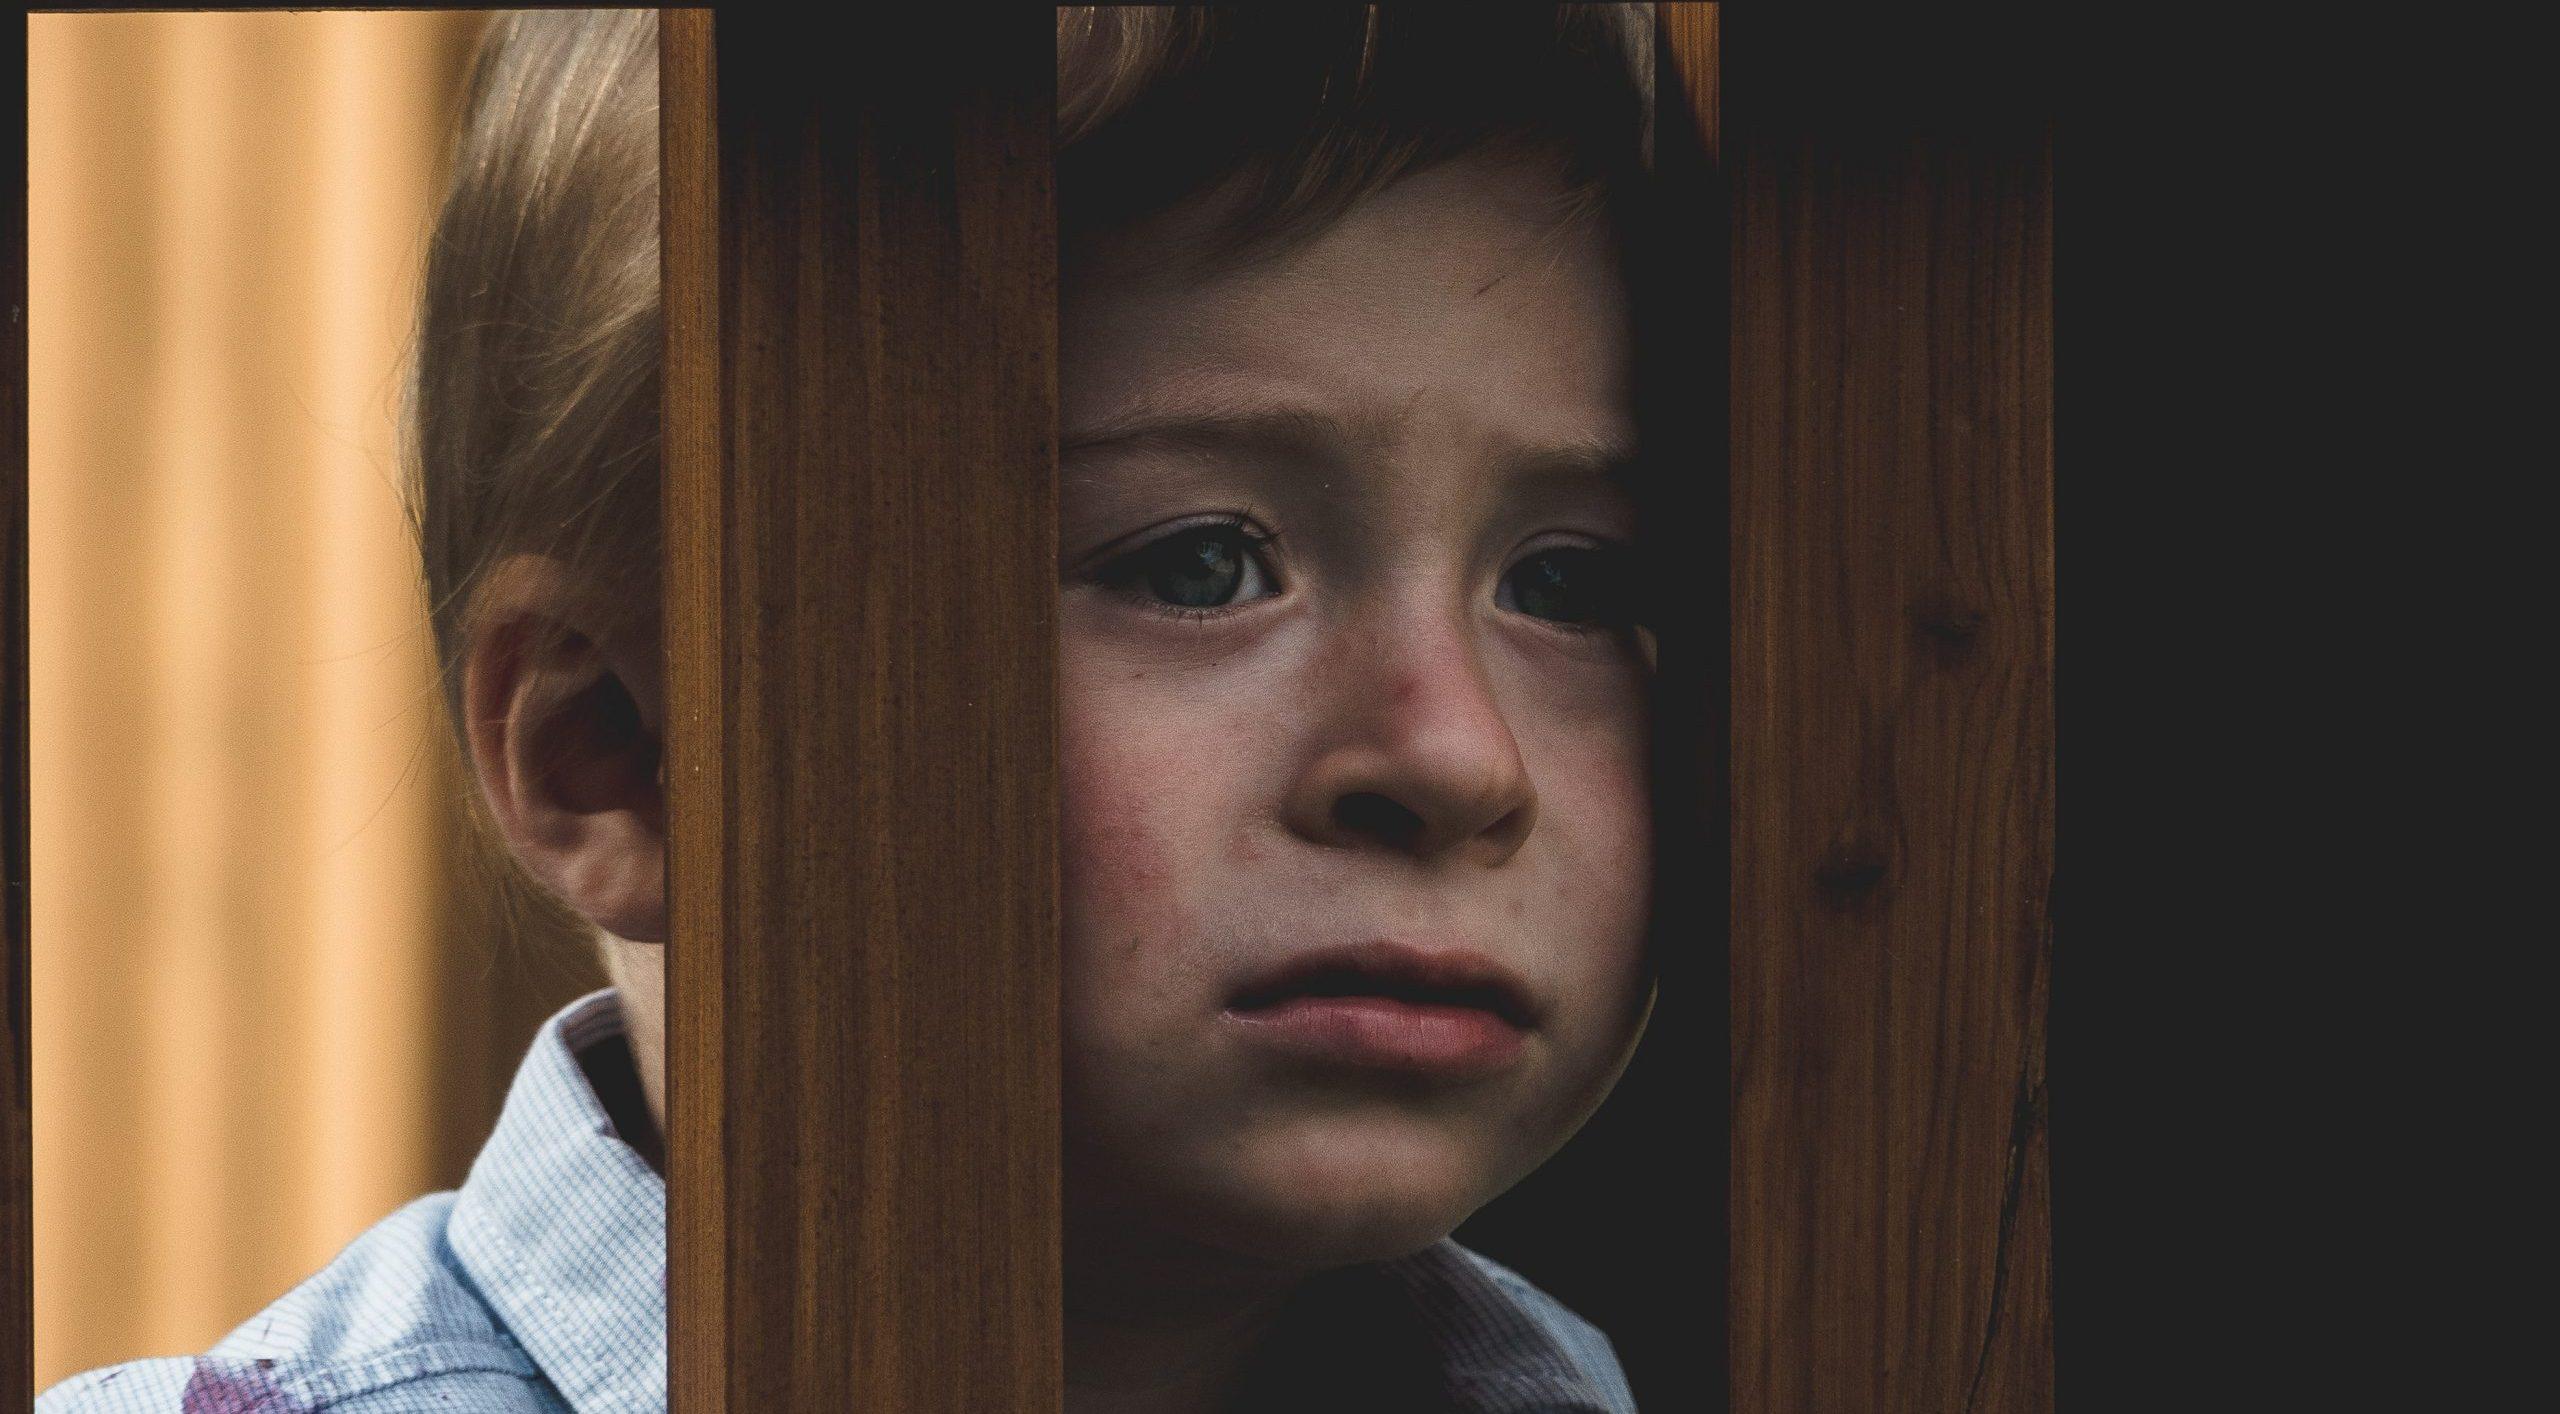 Megvárom, míg a szörnyetegek visszaváltoznak apává és anyává…